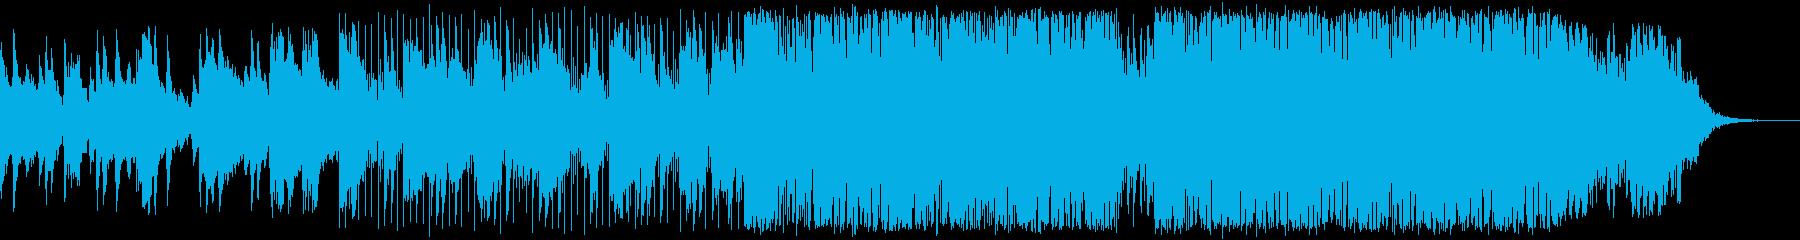 かなり前衛的なエレクトロオーケストラの再生済みの波形